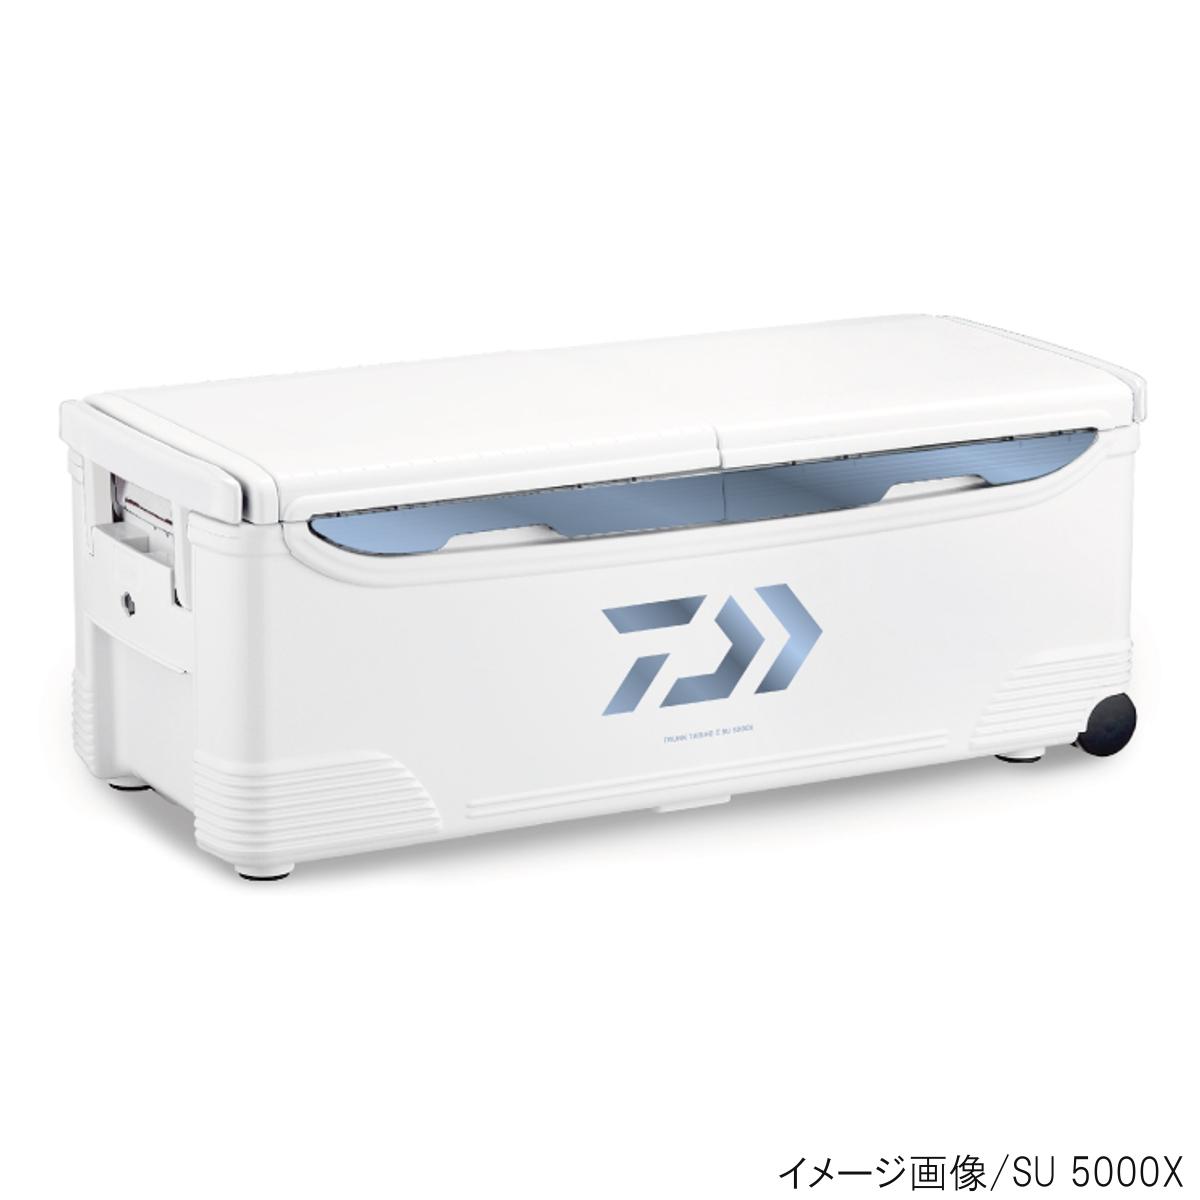 日本製 ダイワ トランク大将 II SU SU 4000X 4000X II アイスブルー クーラーボックス(東日本店), ワールドセレクトショップ:90933c2a --- supercanaltv.zonalivresh.dominiotemporario.com